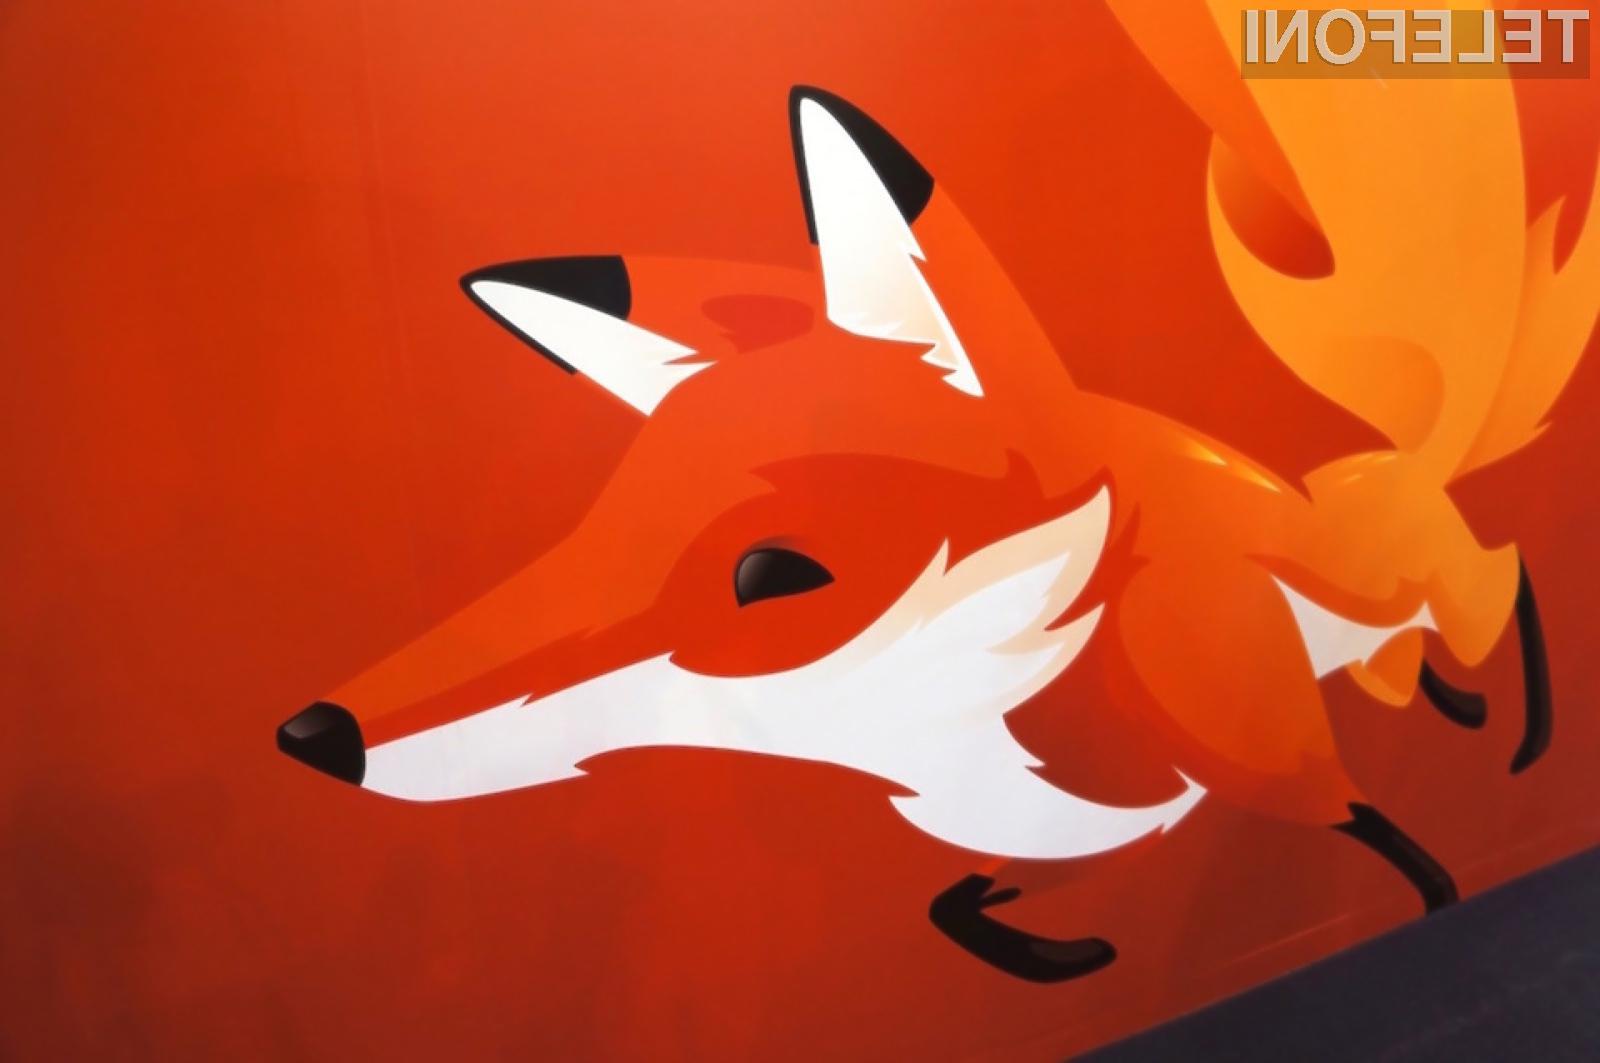 Novi Firefox bo poskrbel za dodatno zaščito zasebnosti uporabnikov Applovih mobilnih naprav.